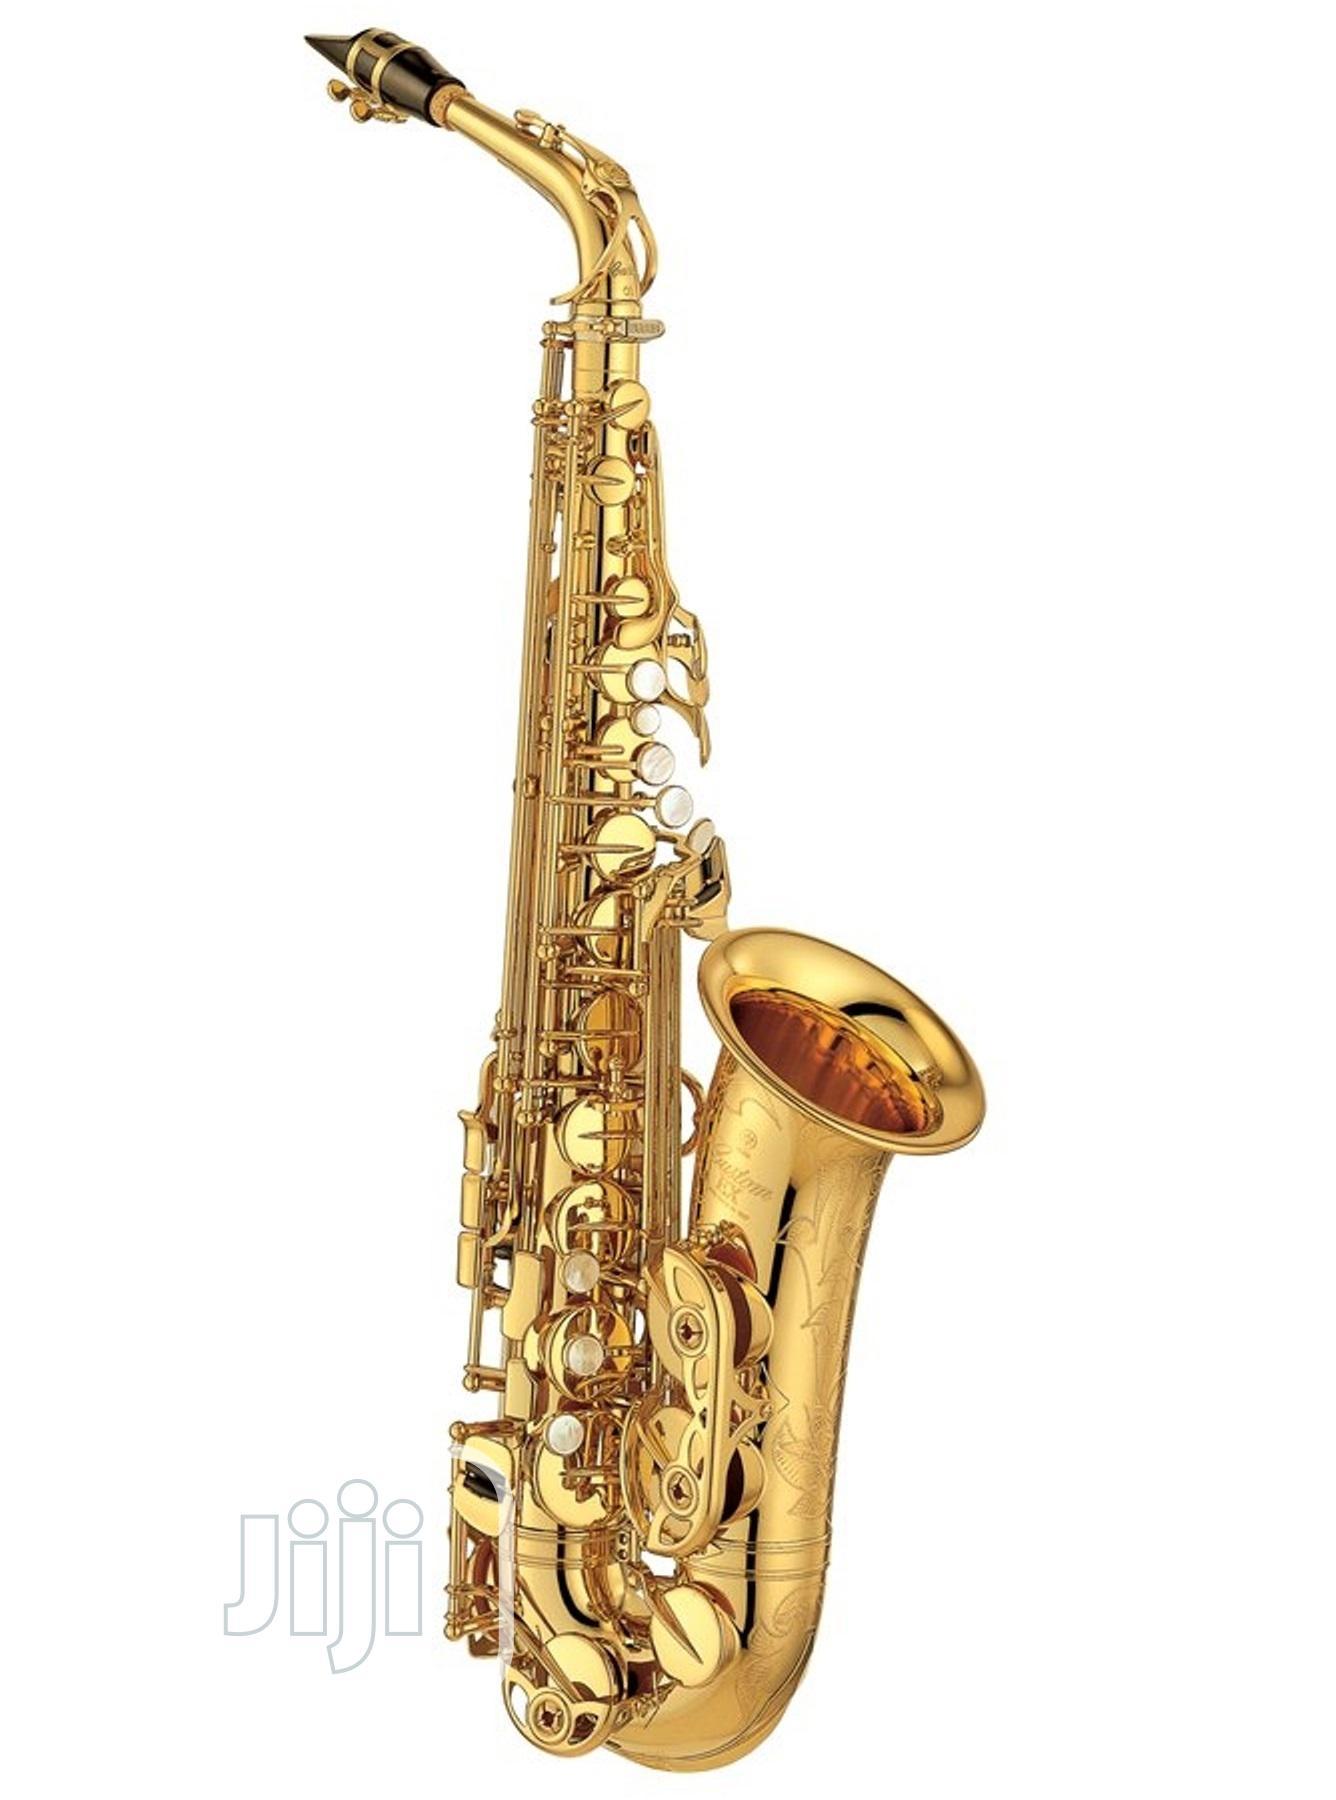 Yamaha Alto Professional Saxophone Gold